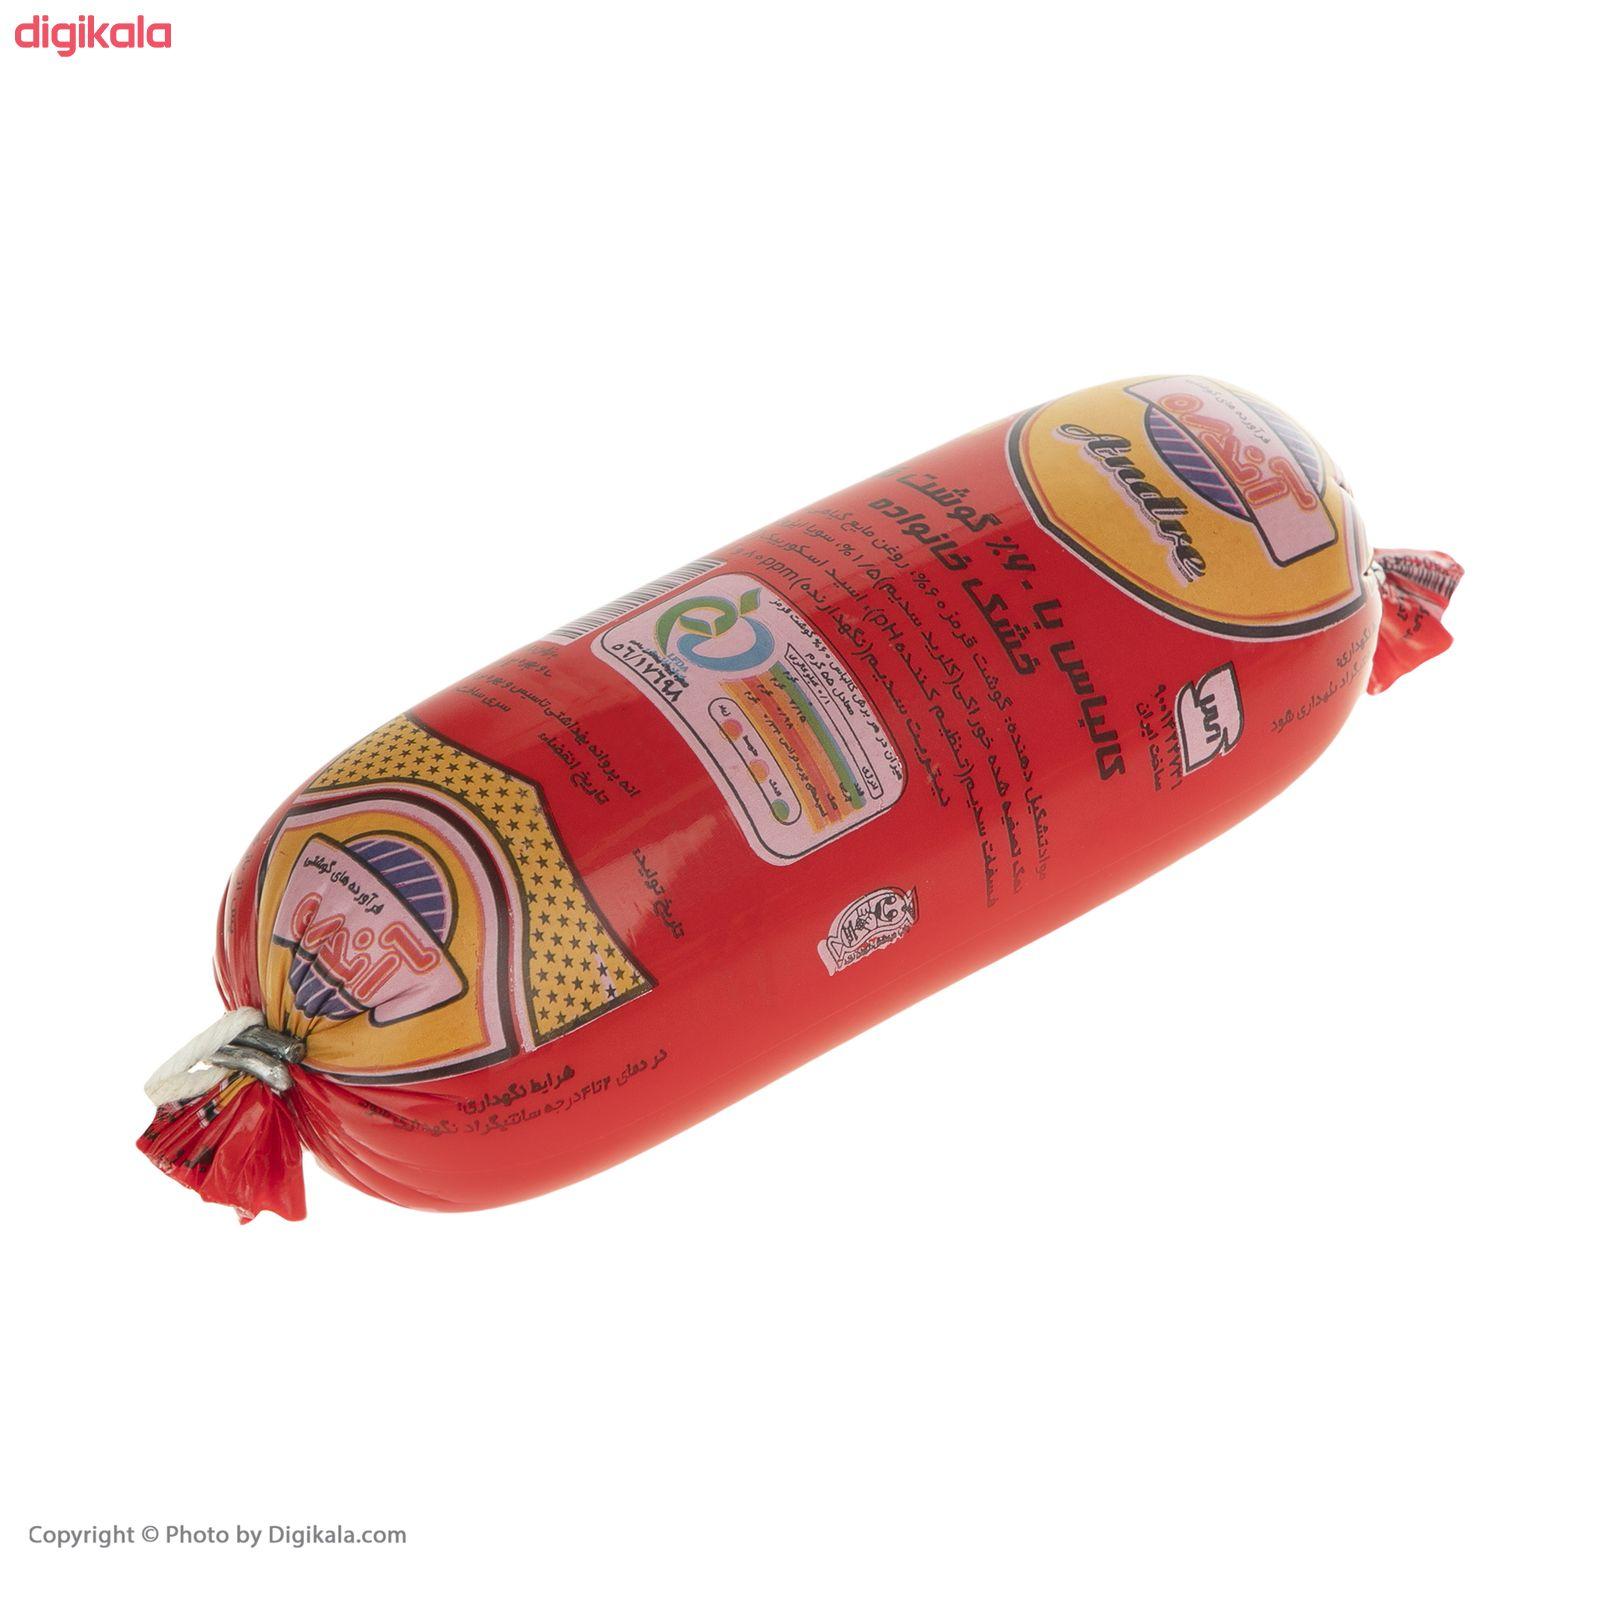 کالباس خشک 60 درصد گوشت قرمز آندره -  500 گرم main 1 1